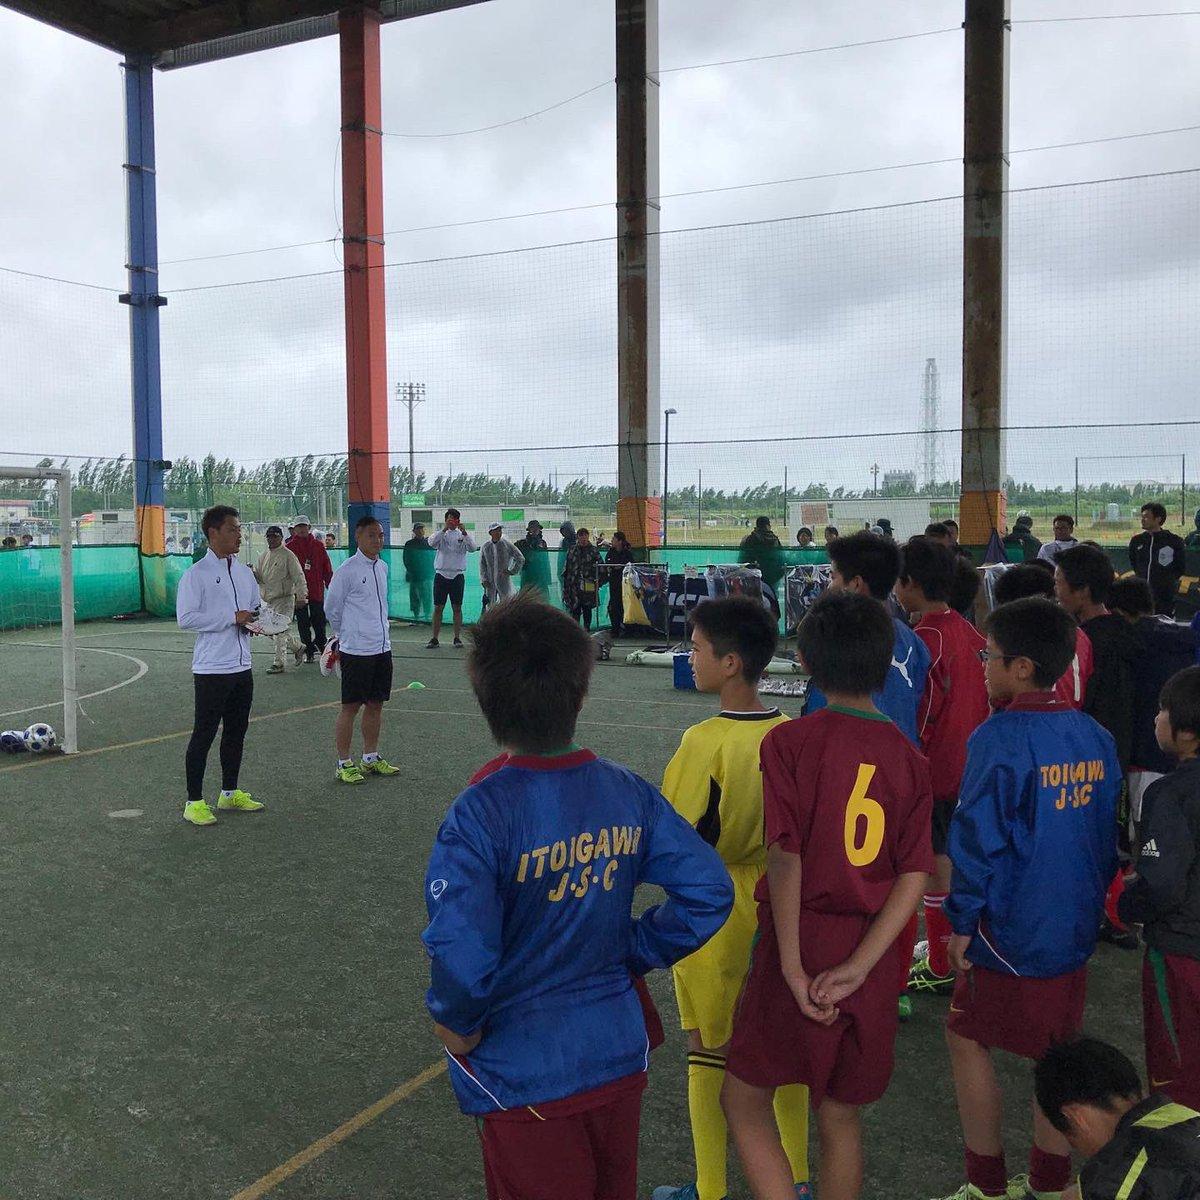 test ツイッターメディア - 新潟で行われたアシックスのイベントに参加させていただきました! 僕も履かせていただいているアシックスのスパイクの良さや履き心地をもっと子どもたちにも知ってもらいたいです!  #ASICSFOOTBALL #IMoveMe #ASICSGRASSROOTS #TeamDSLIGHT #本物志向 https://t.co/55A7KnhAil